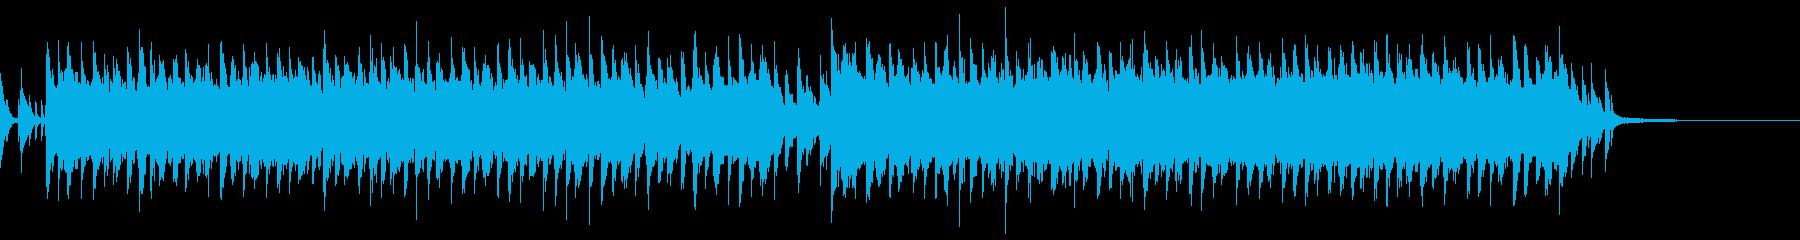 エレキウクレレとエレクトロが融合した曲…の再生済みの波形